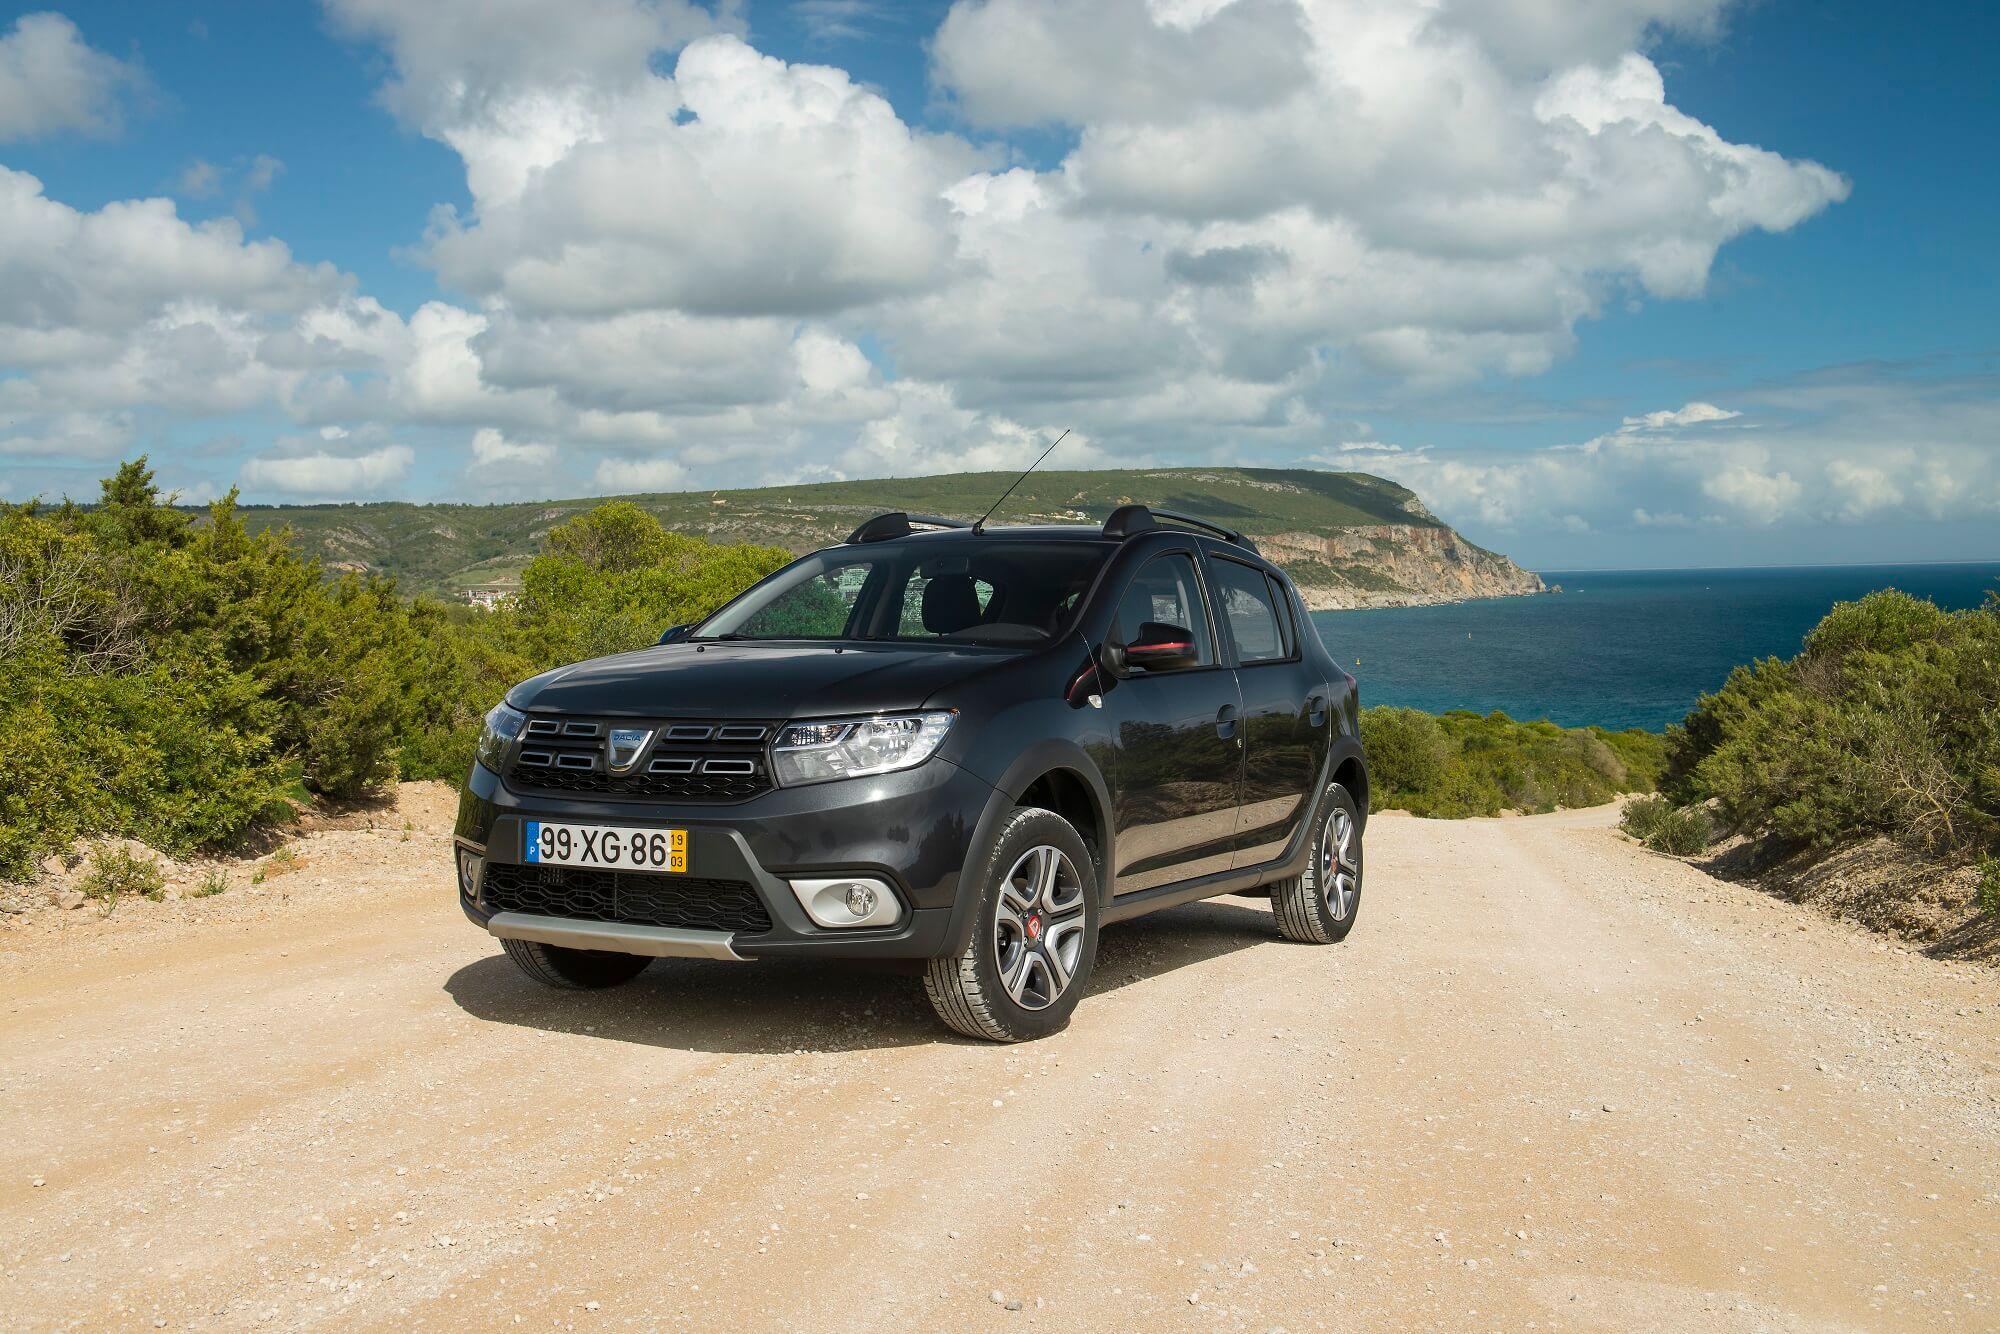 Dacia Sandero Adventure